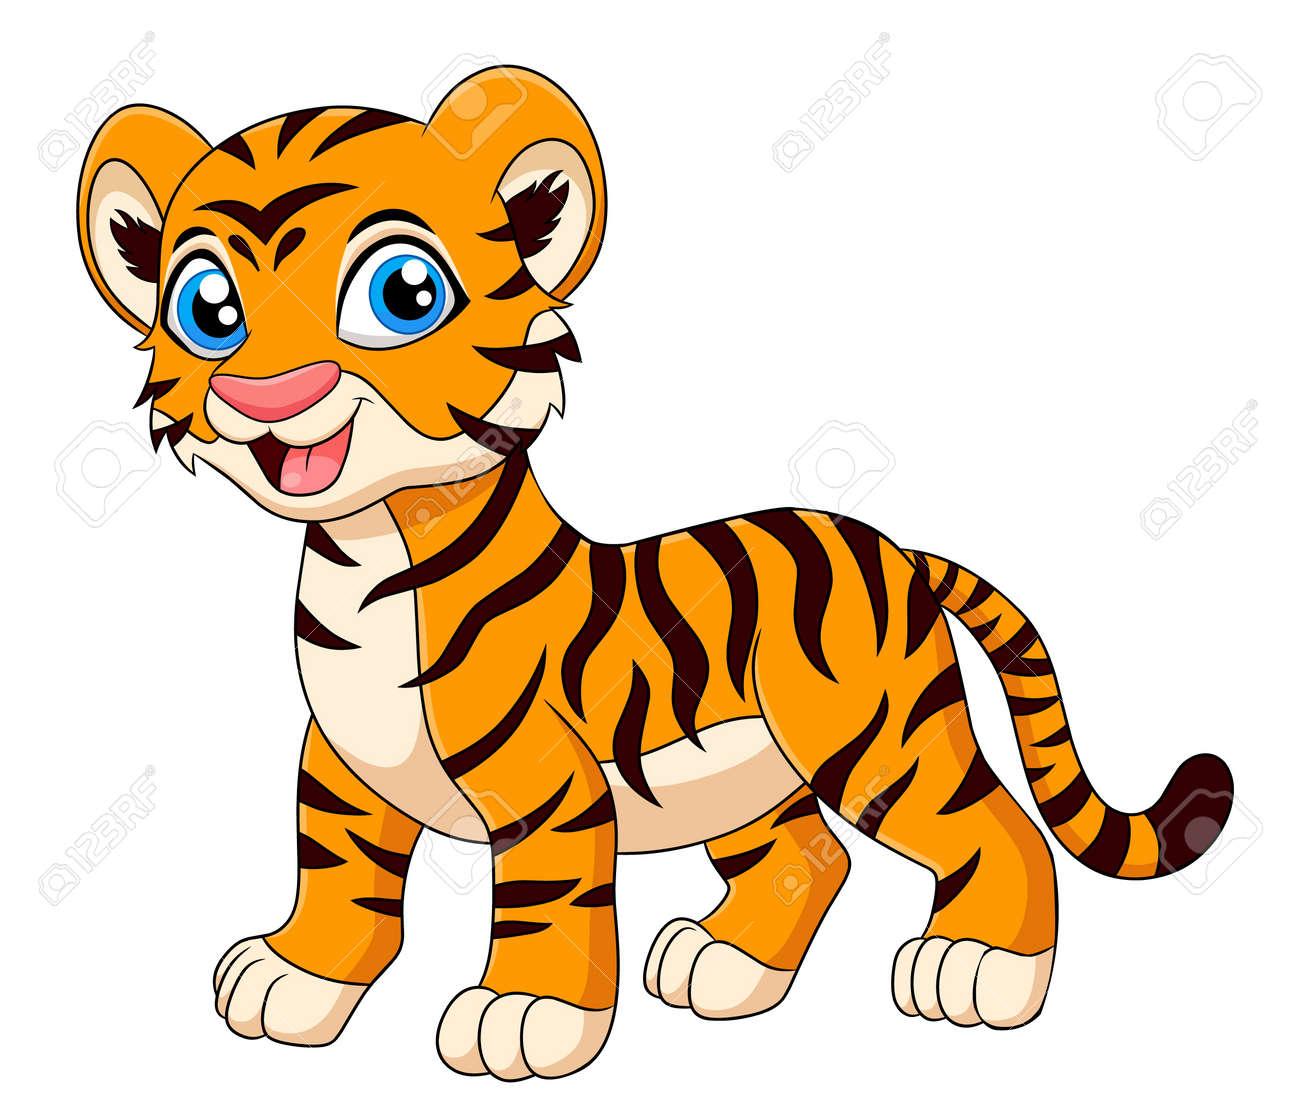 Cute Tiger animal cartoon vector illustration - 168293546